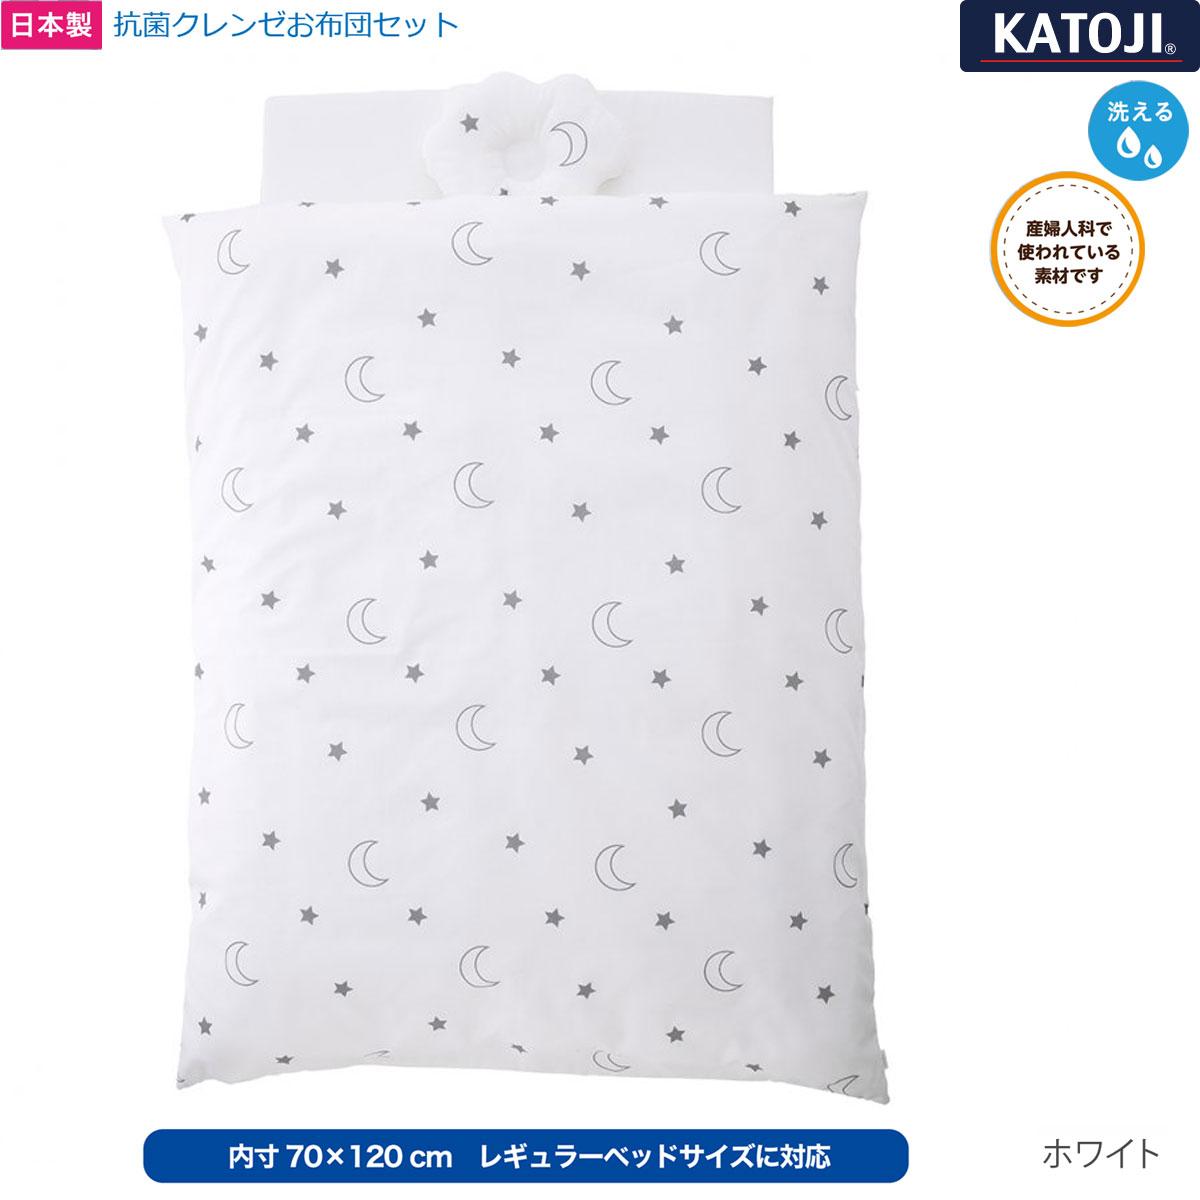 【送料無料】【日本製】カトージ 抗菌クレンゼ 布団6点セット ホワイト(05930)/【内寸70×120cm】レギュラーベッドに対応